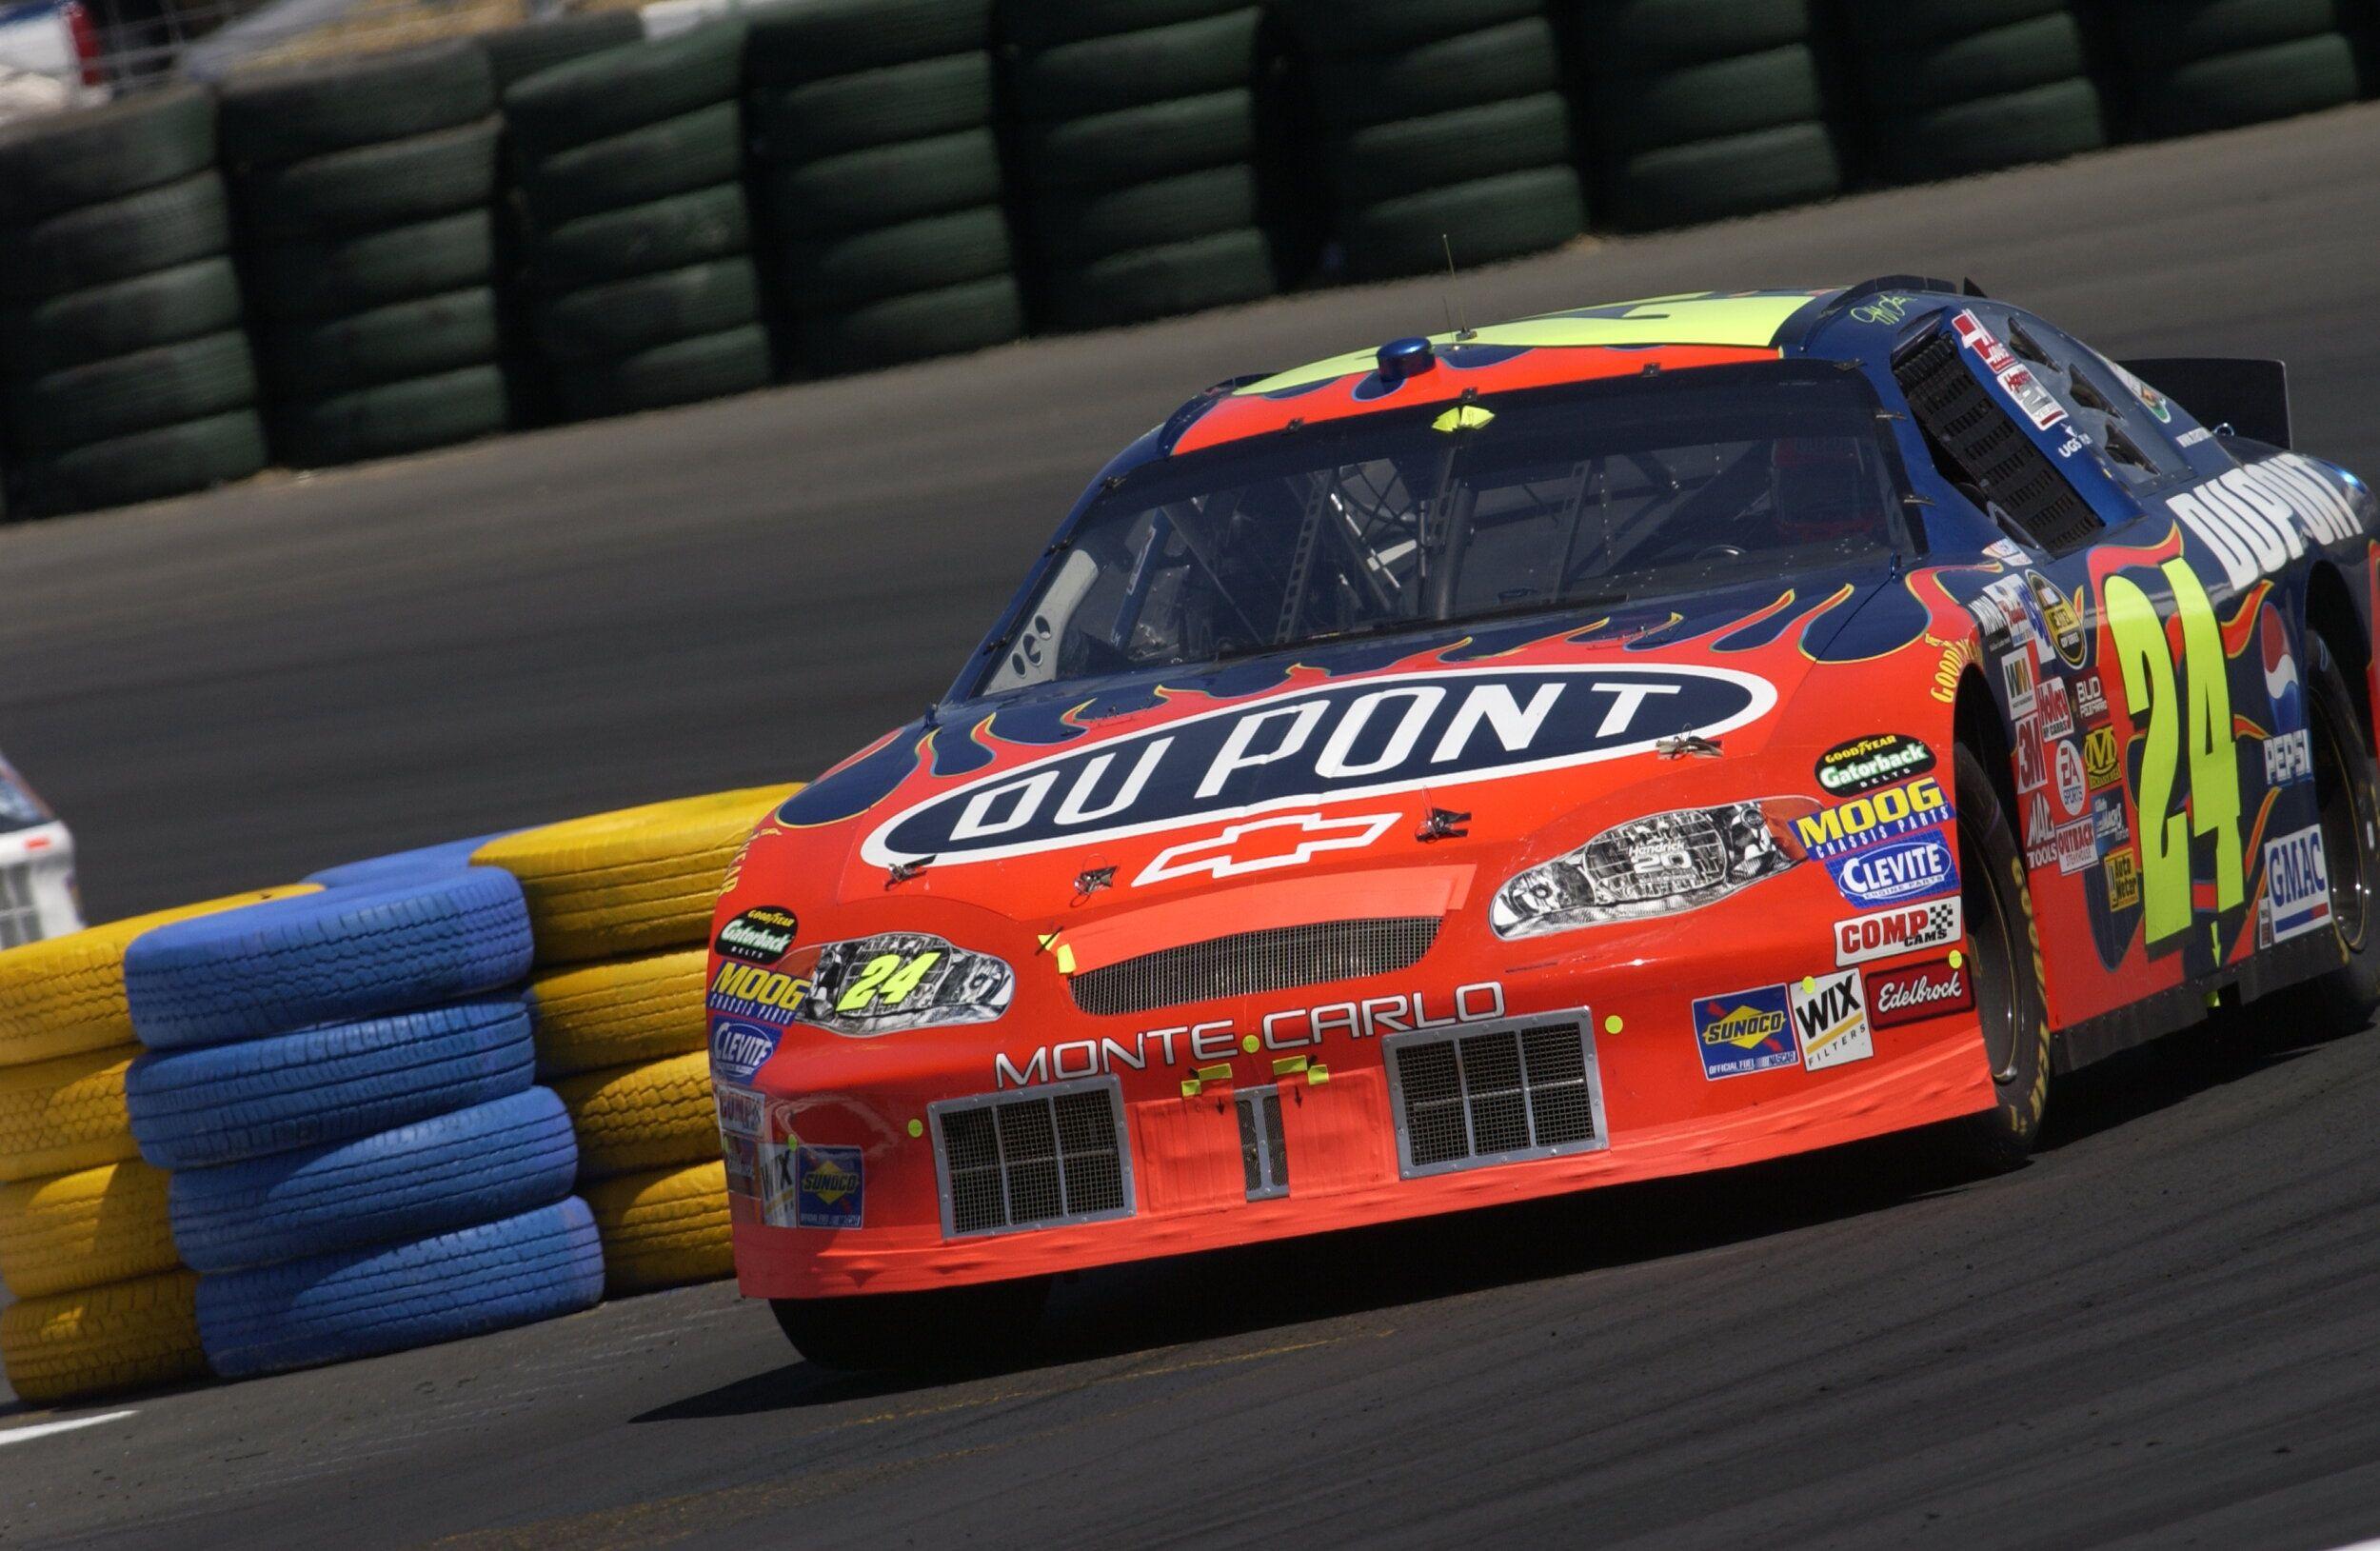 Race ready NASCAR race cars for sale, real ones Nascar